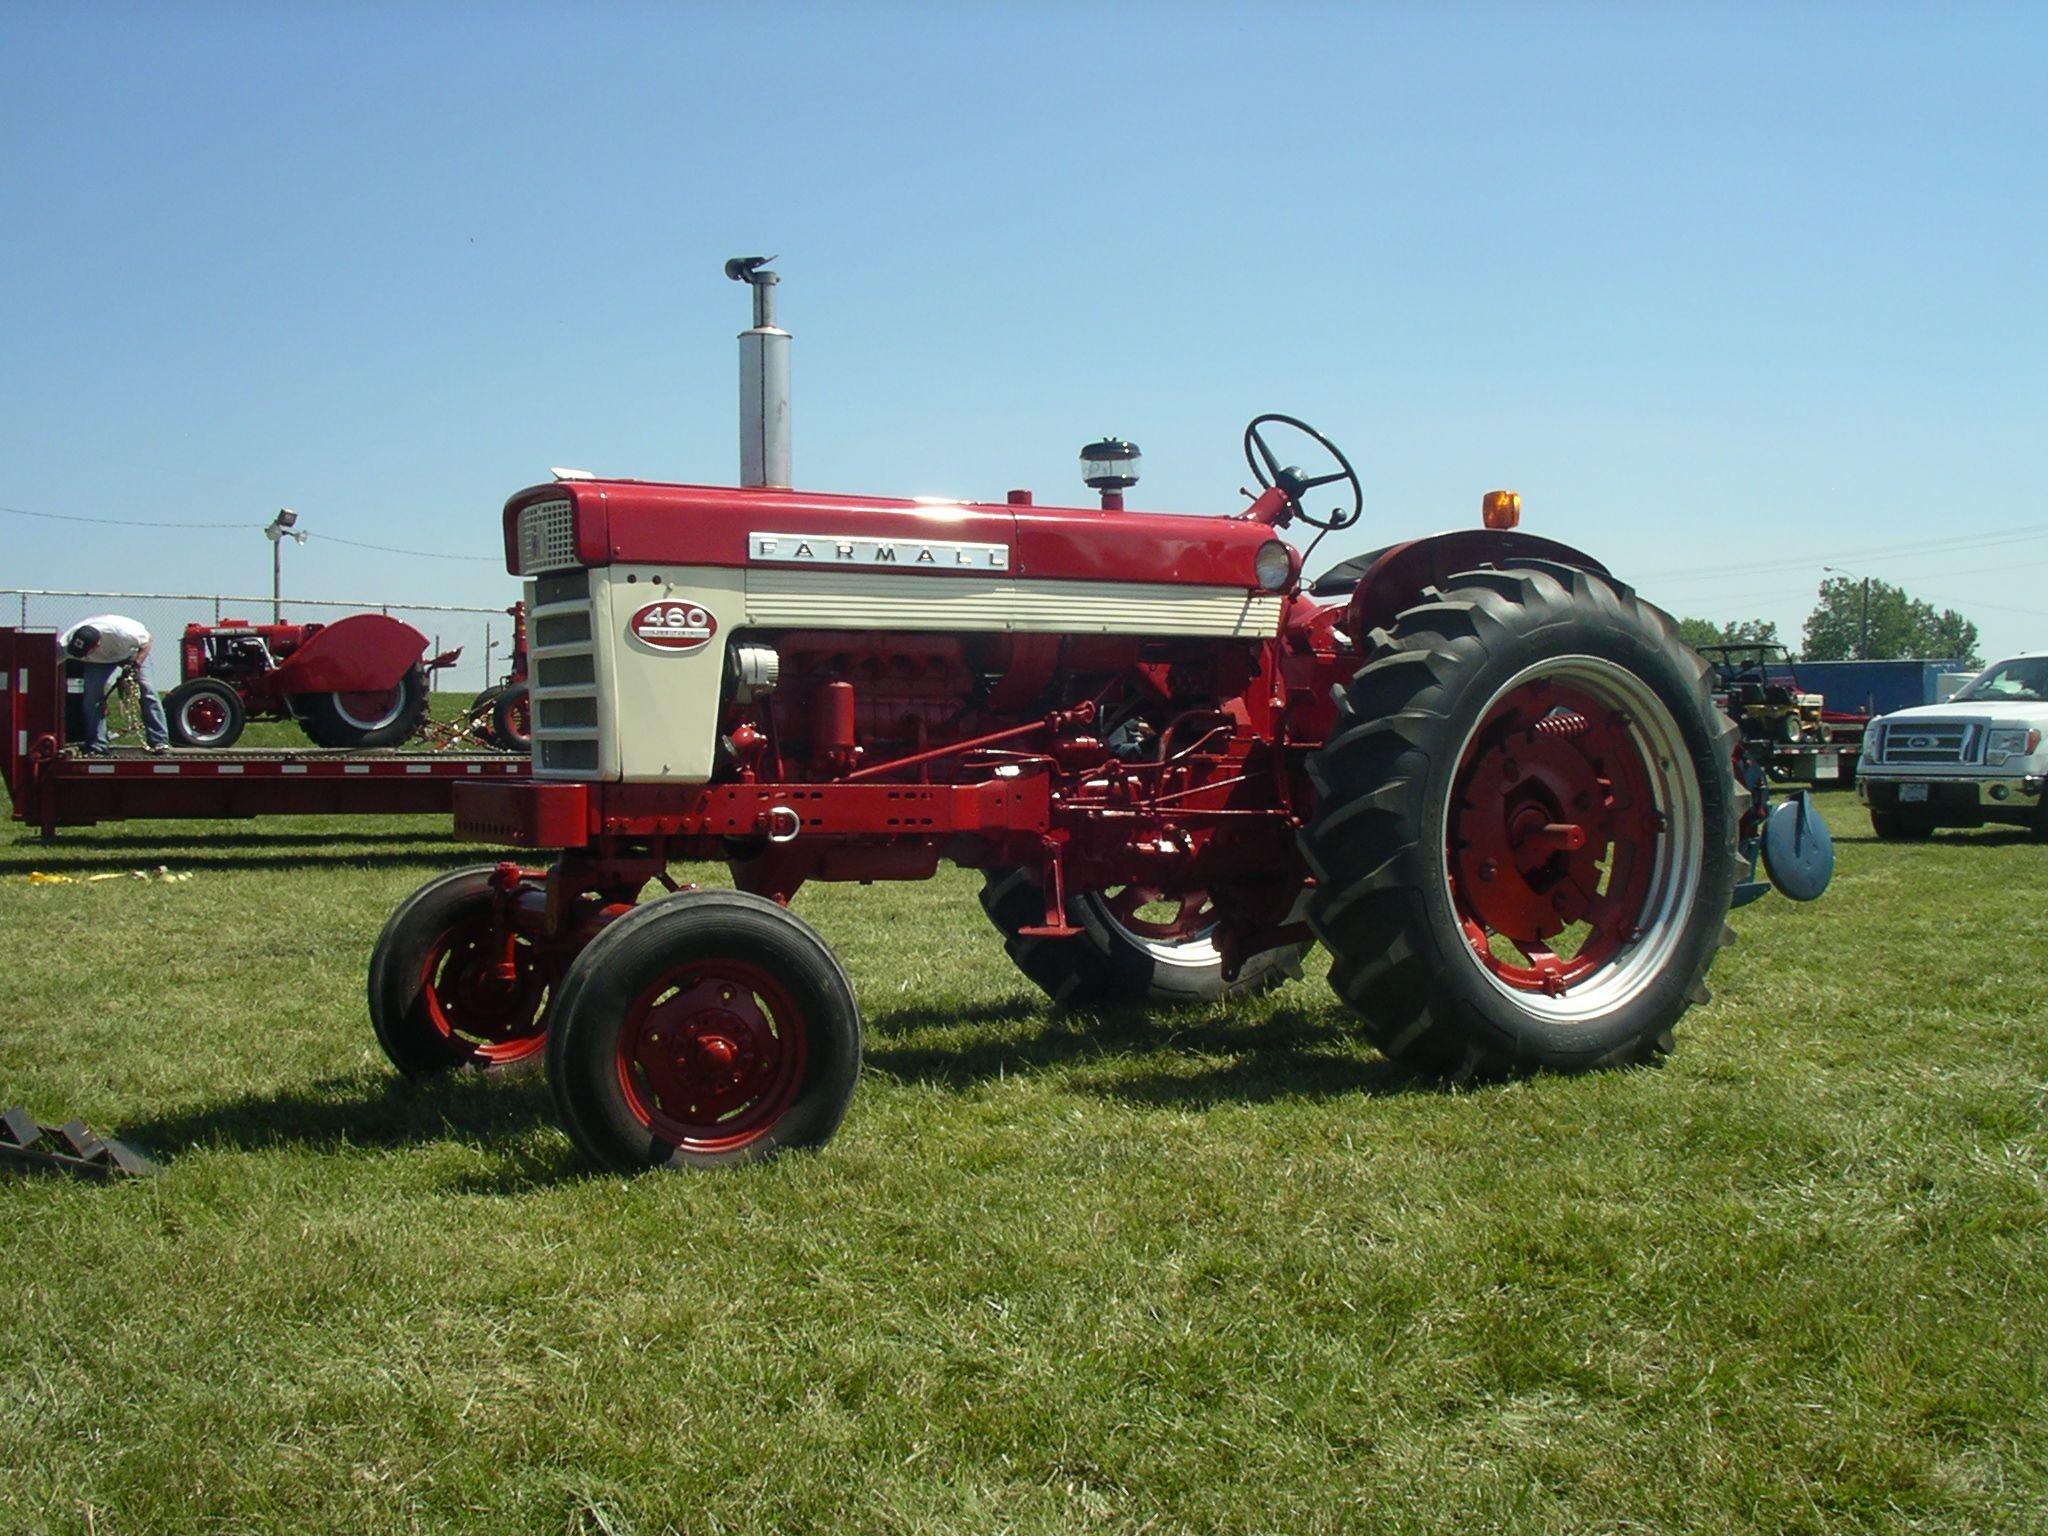 Farmall 460 Diesel Farmall, International tractors, Red